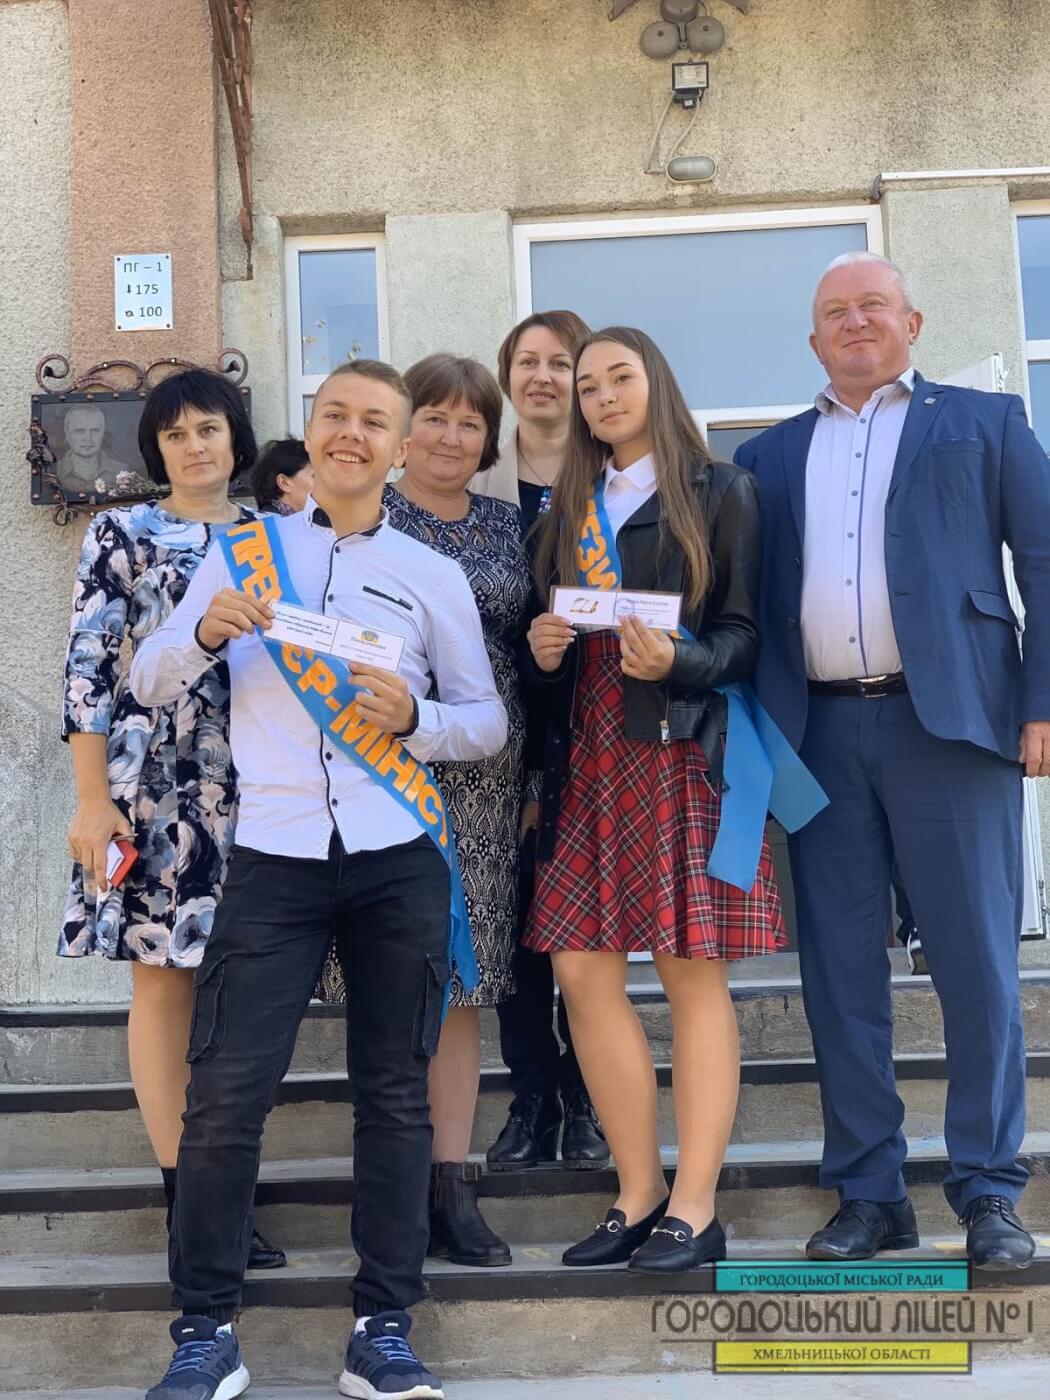 zobrazhennya viber 2019 10 07 15 09 30 - Інавгурація президента учнівського самоврядування